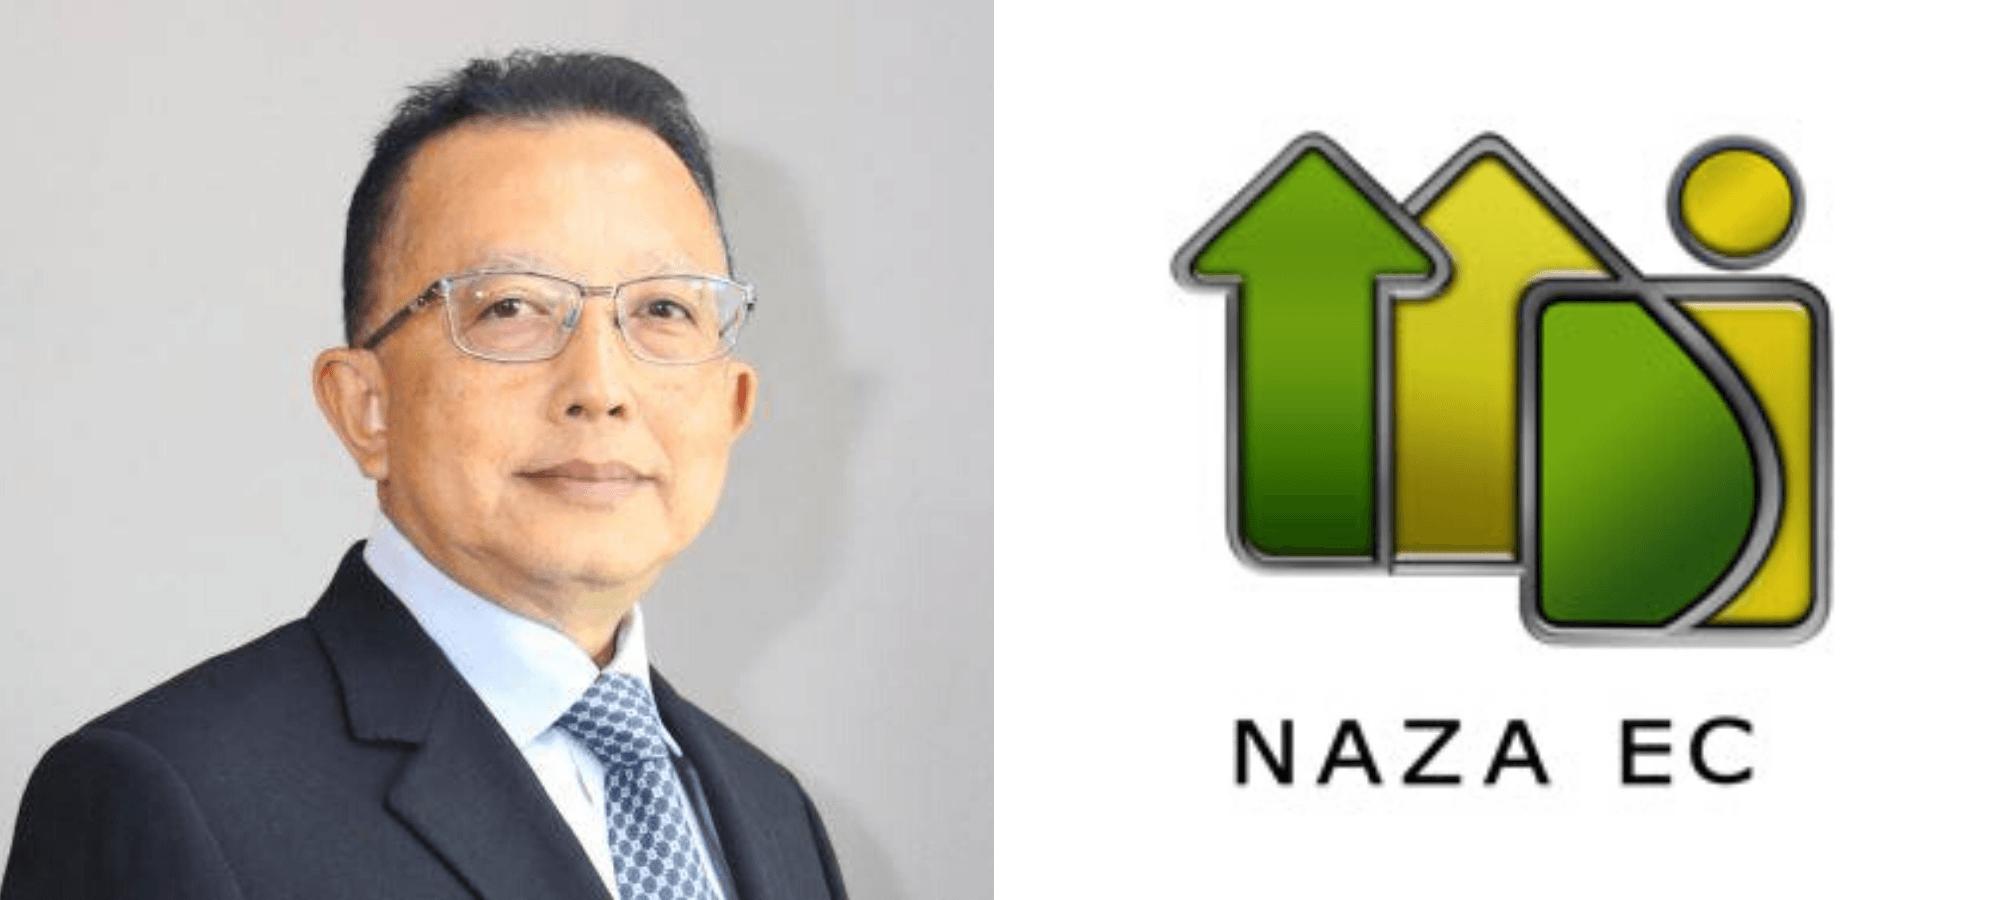 Datuk Azman Marzuki is The New CEO of Naza EC